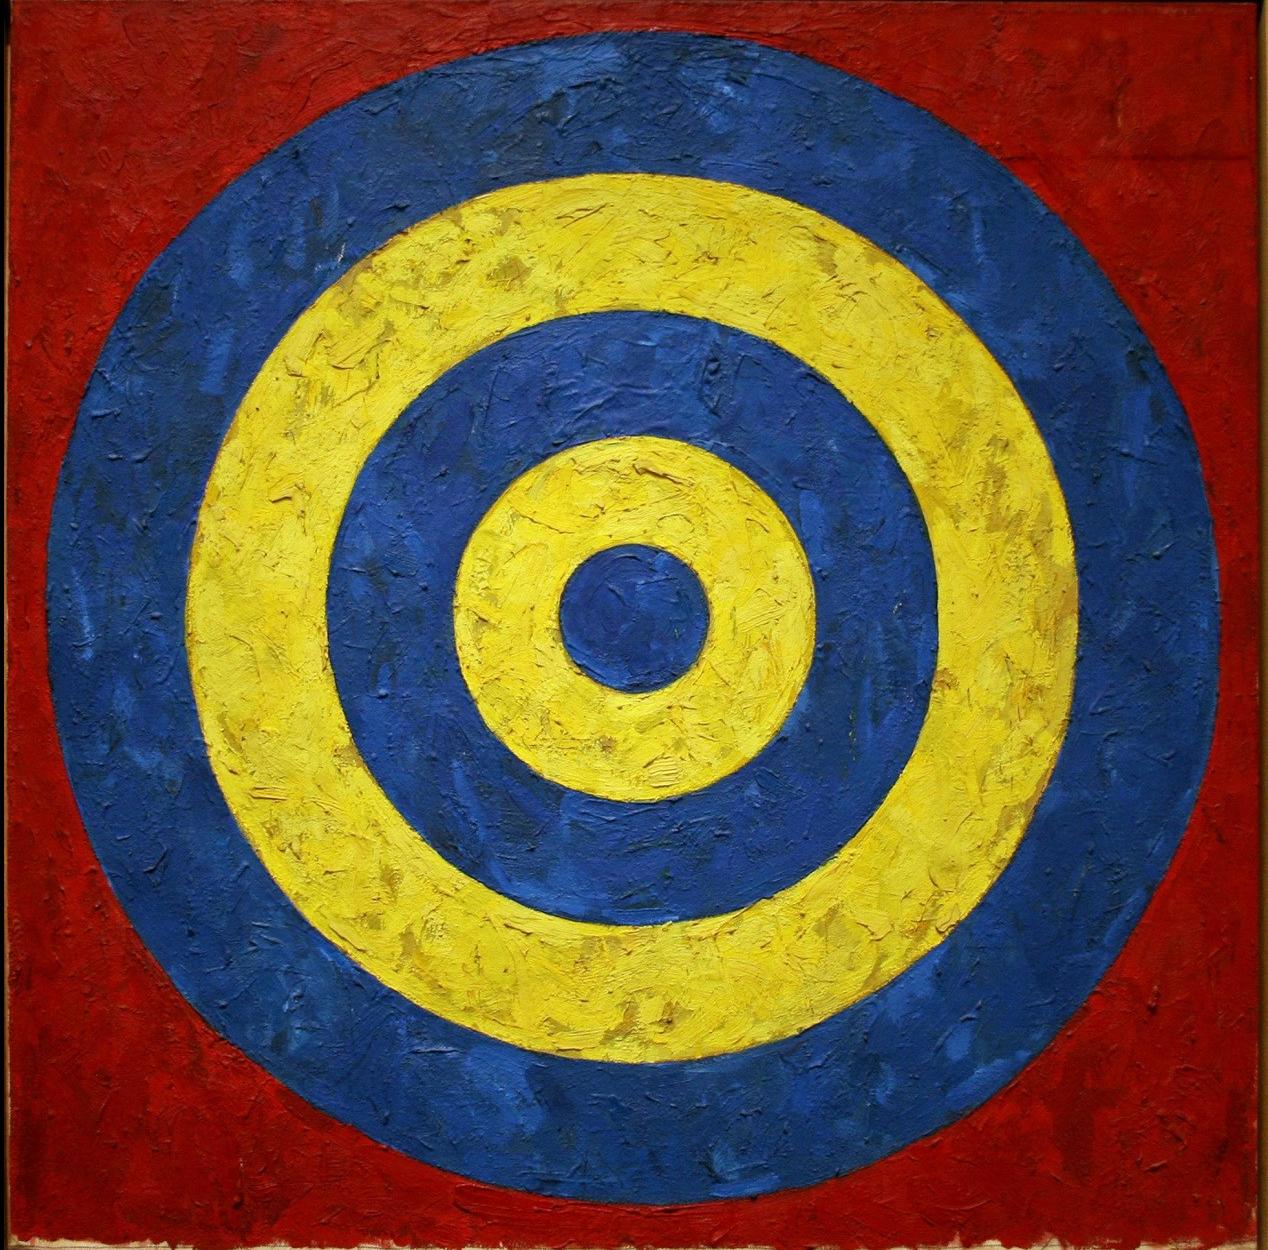 Target jasper johns